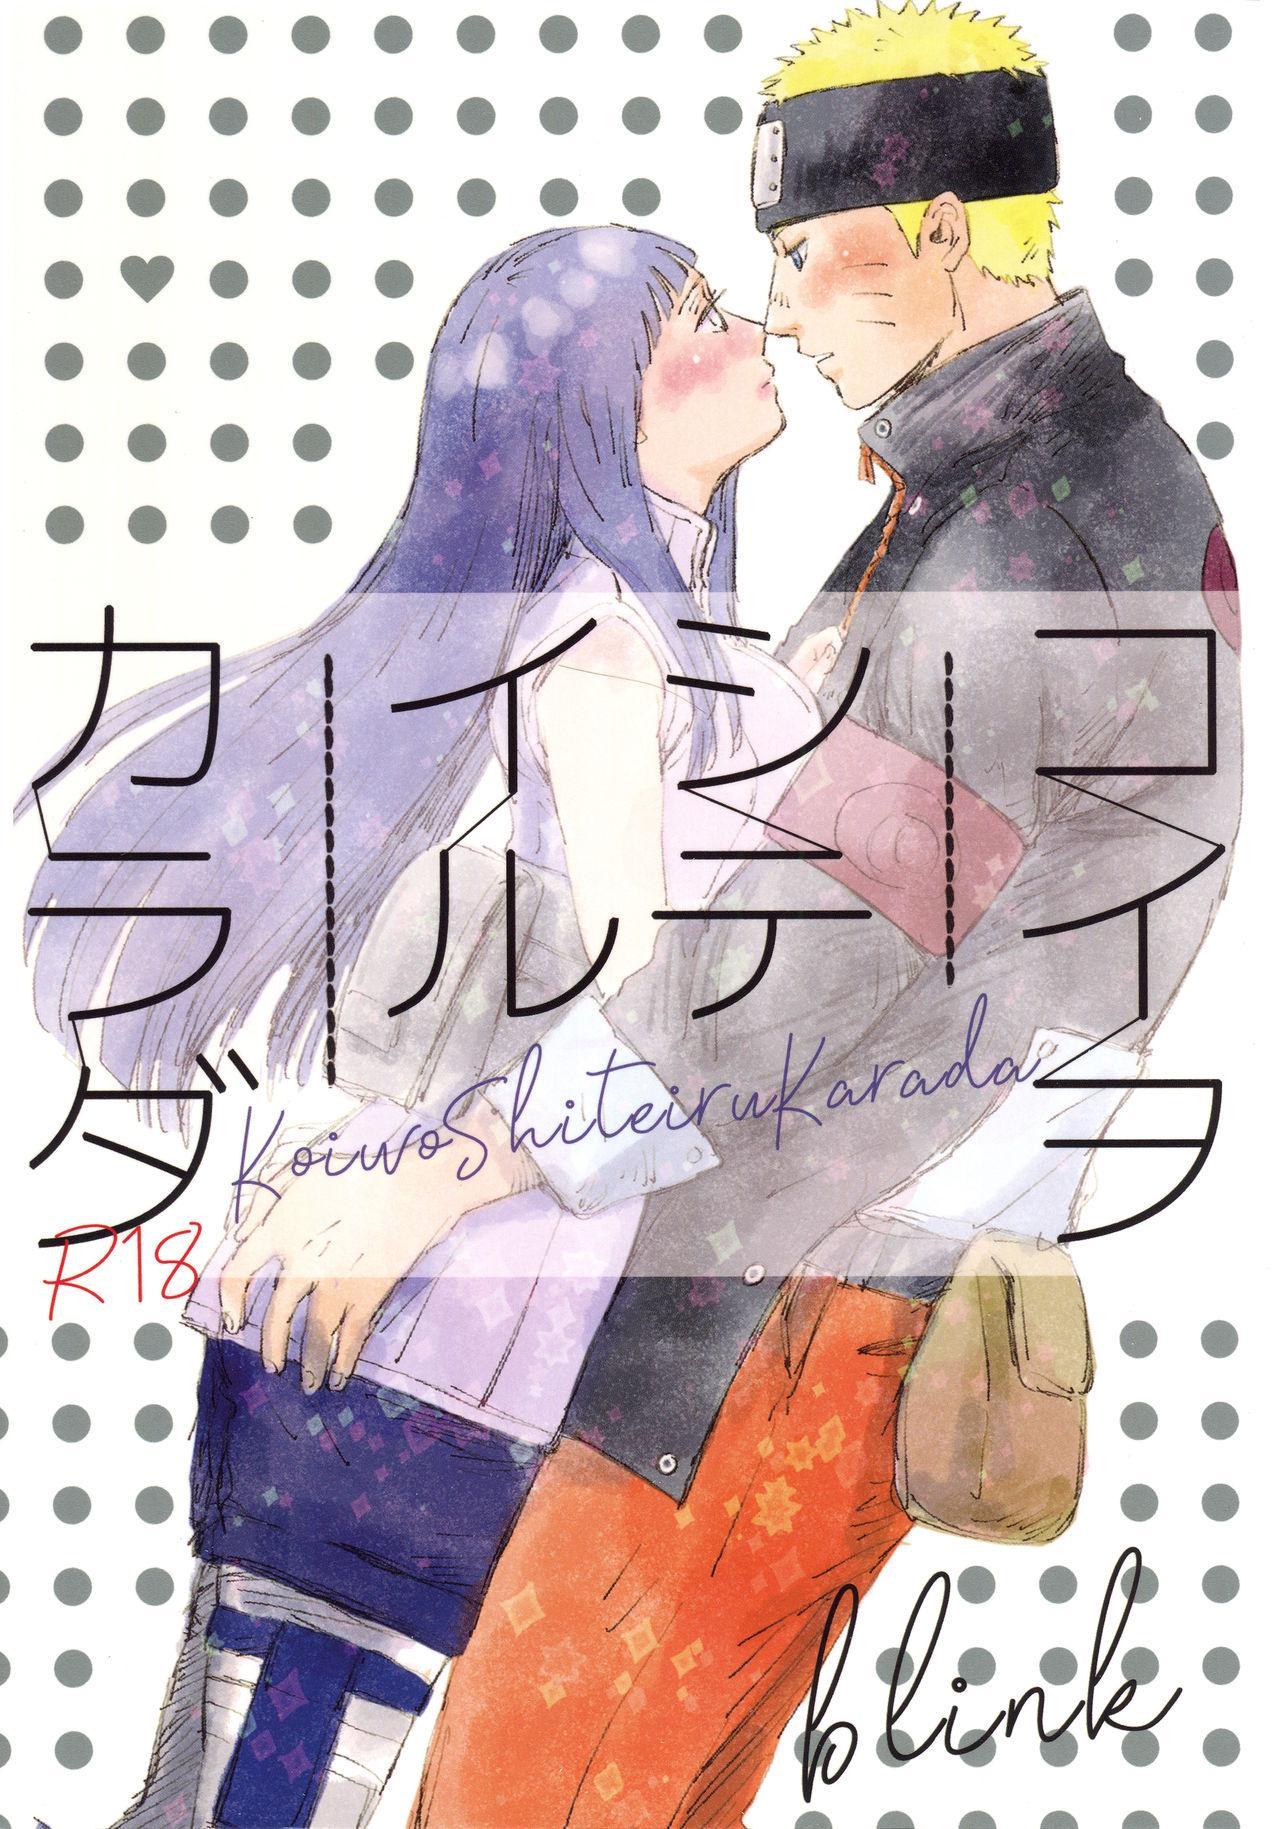 Koiwo Shiteiru Karada 1 + 2 0